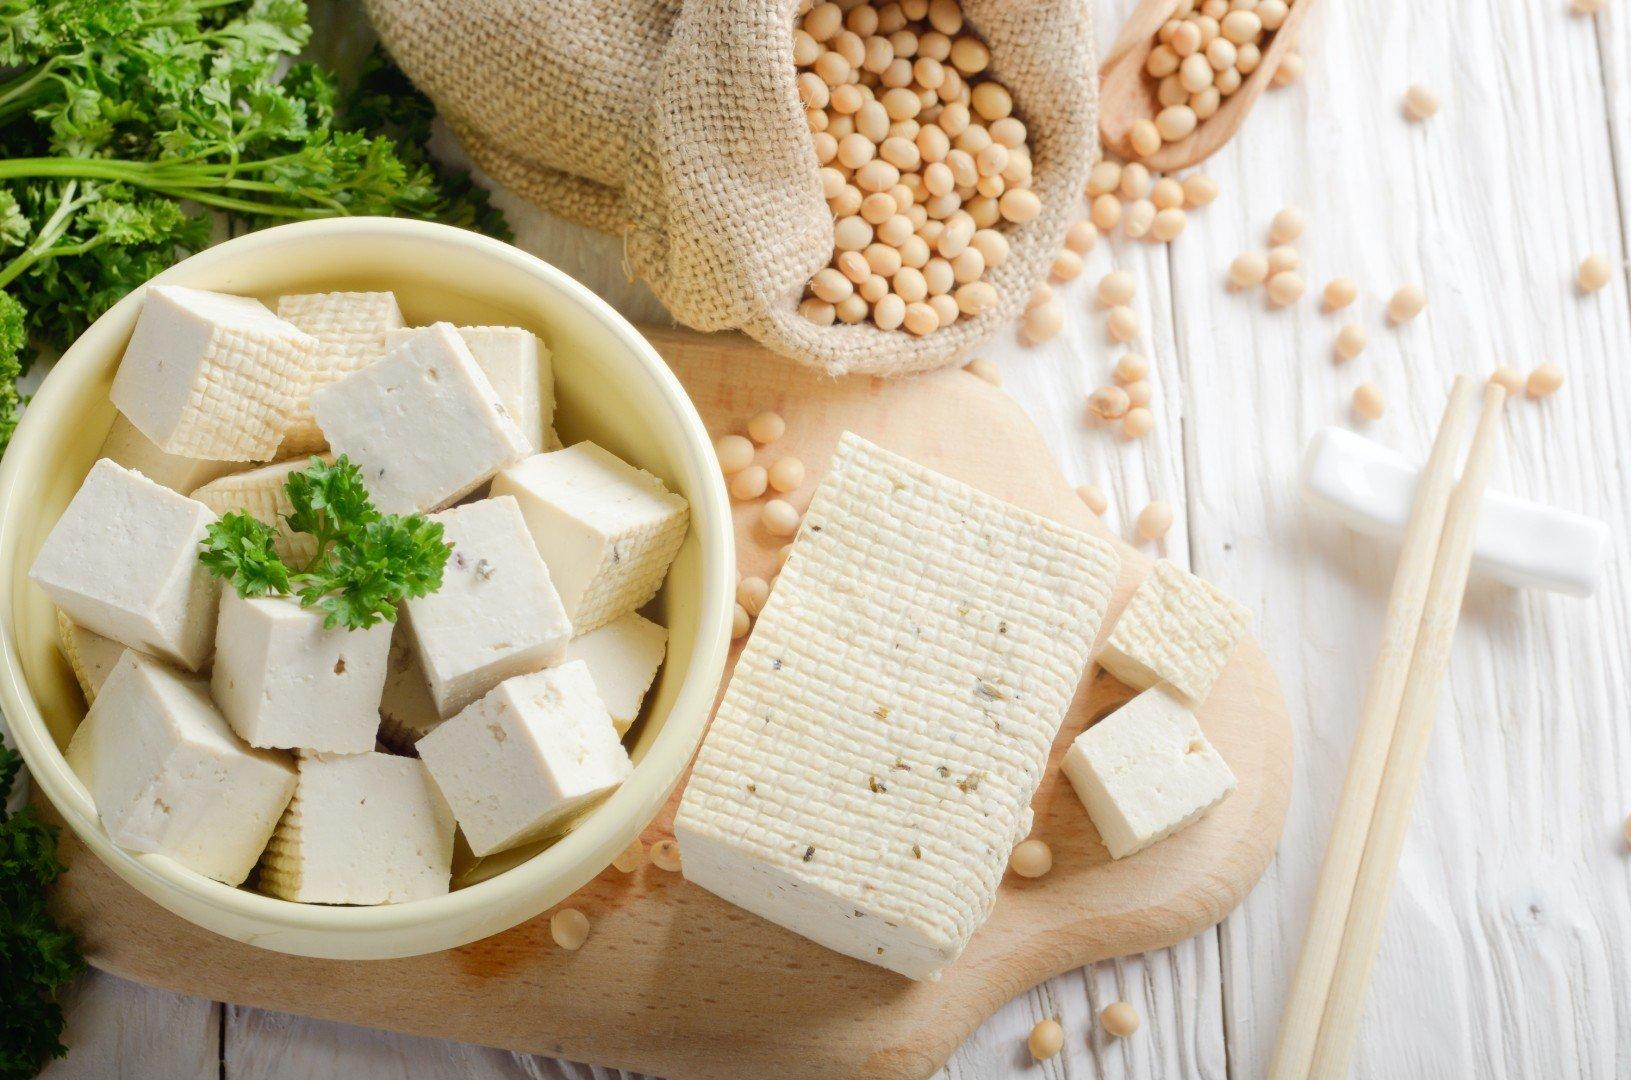 5 thực phẩm chống lão hóa rẻ tiền và cực dễ mua, chị em chăm ăn là da mướt căng mọng nước - Ảnh 3.